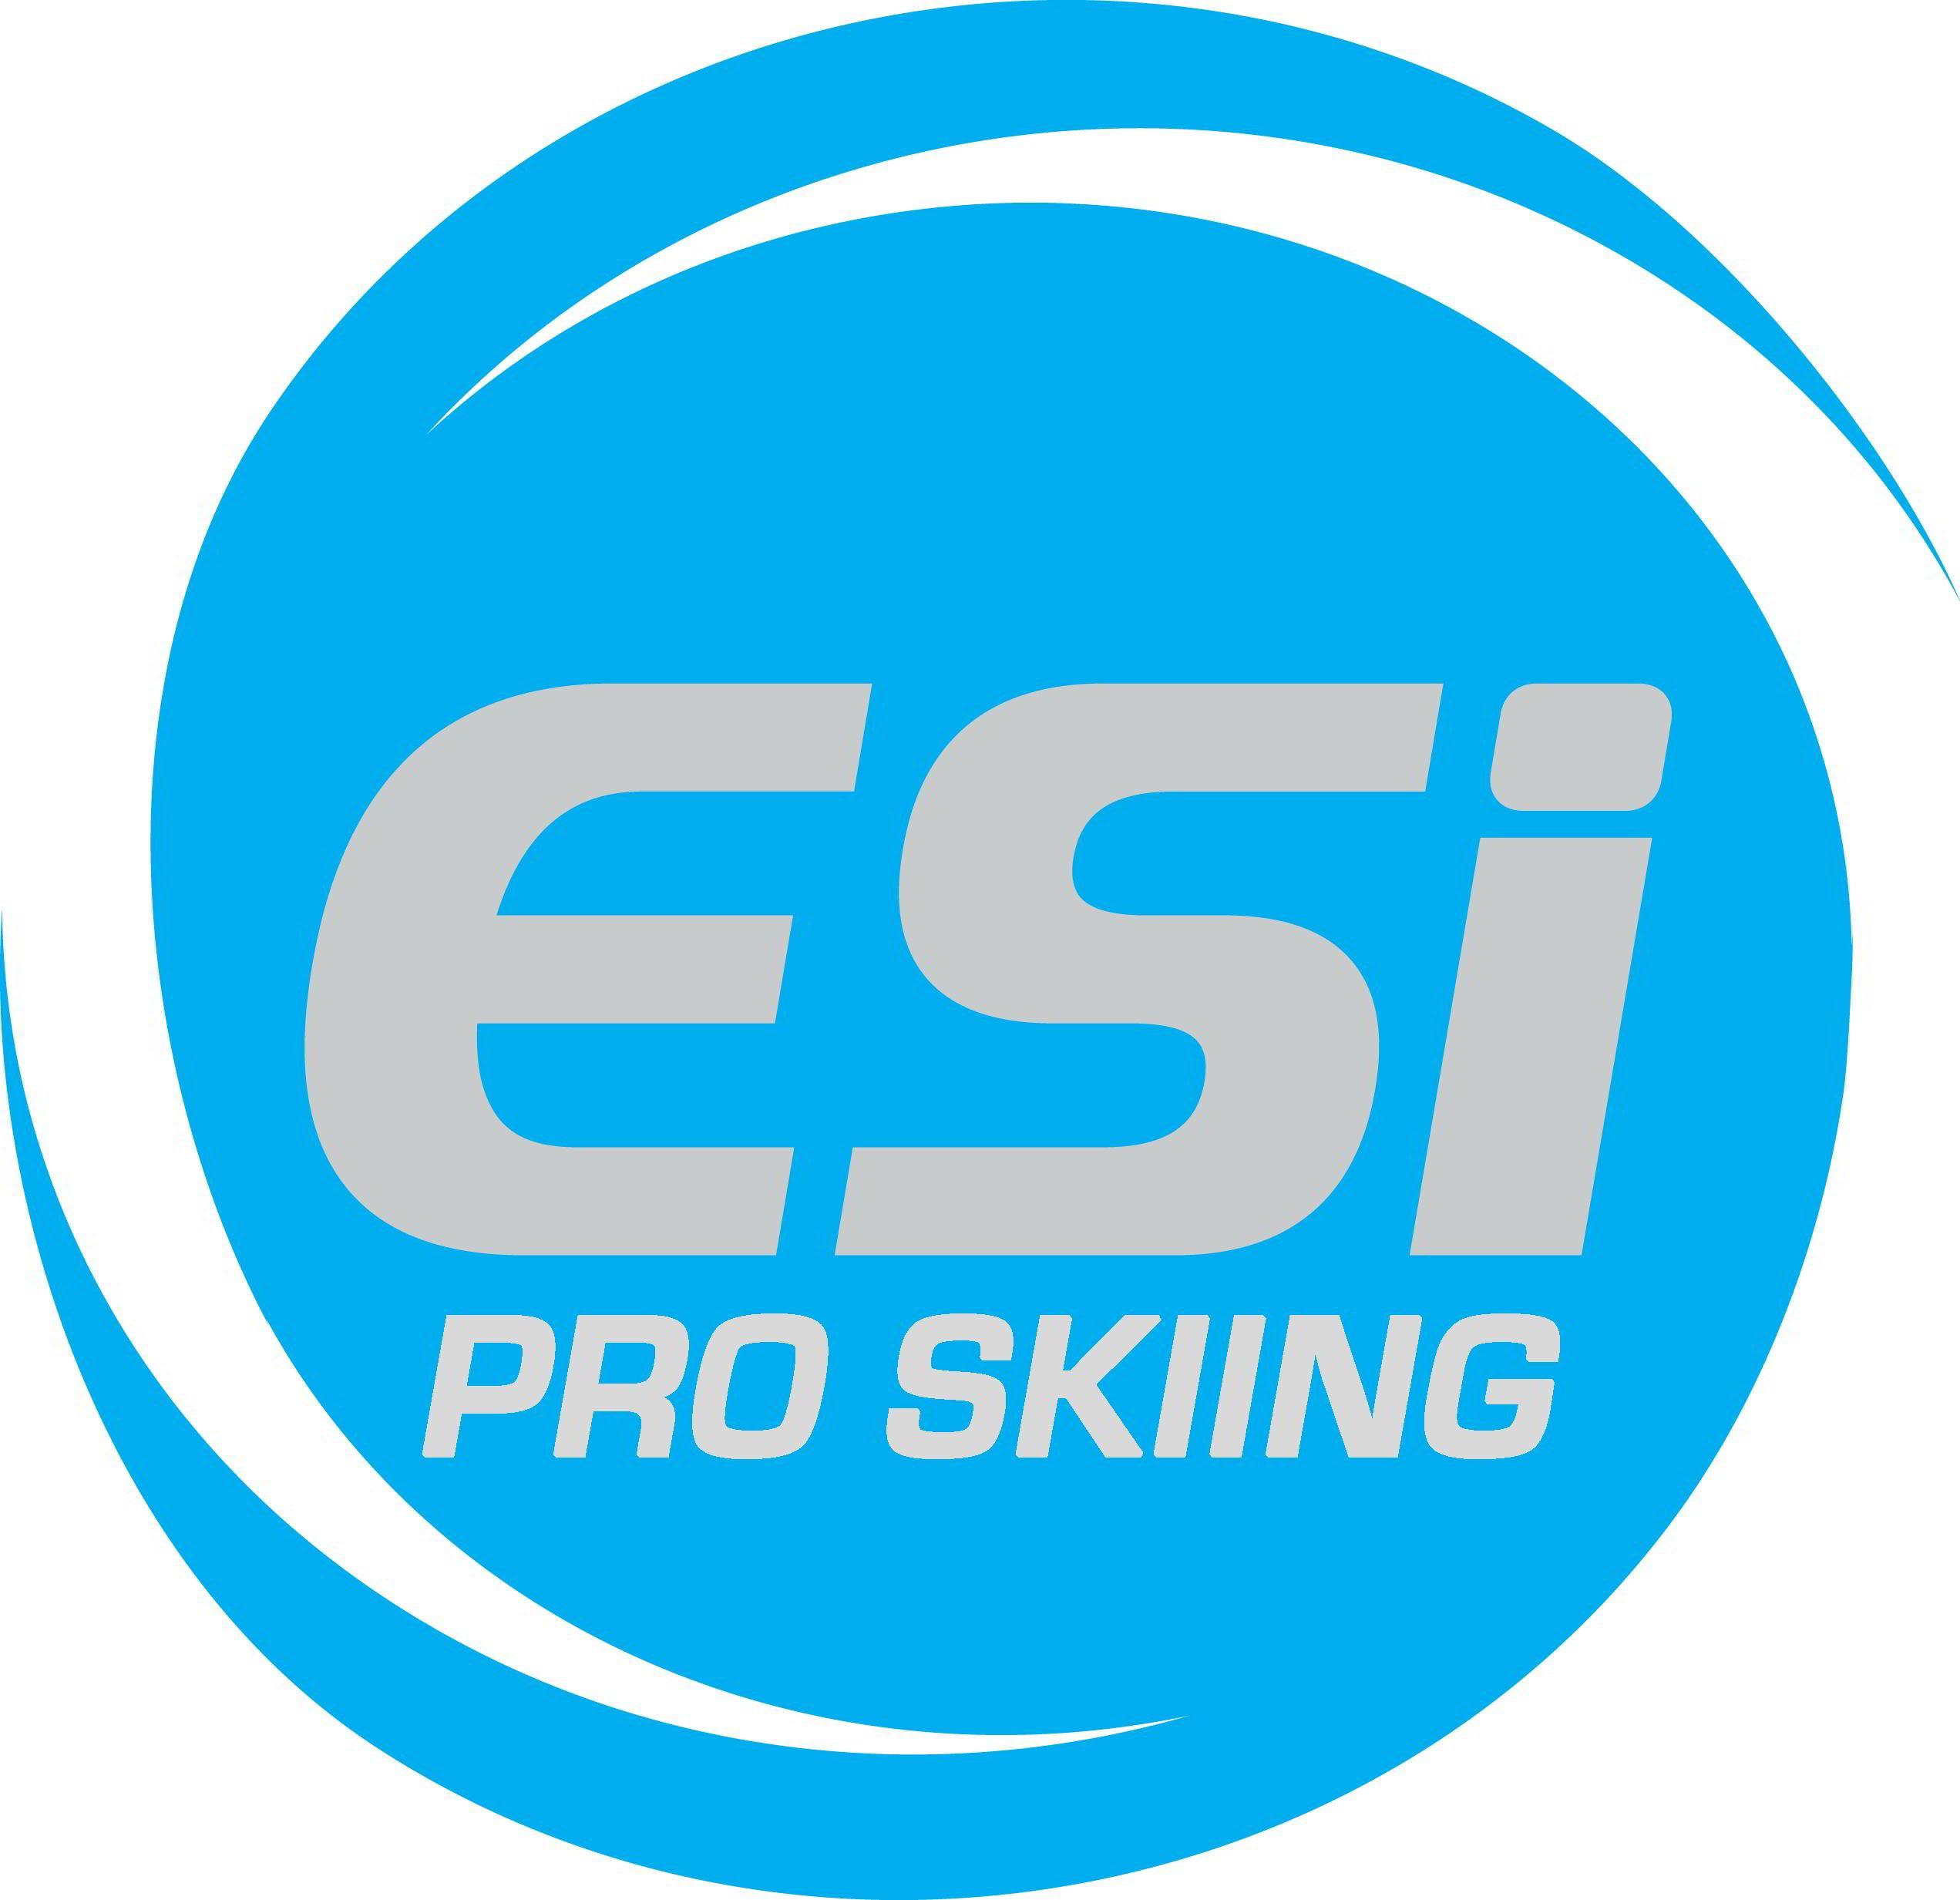 Cours de ski Enfants (4-5 ans) - Basse saison